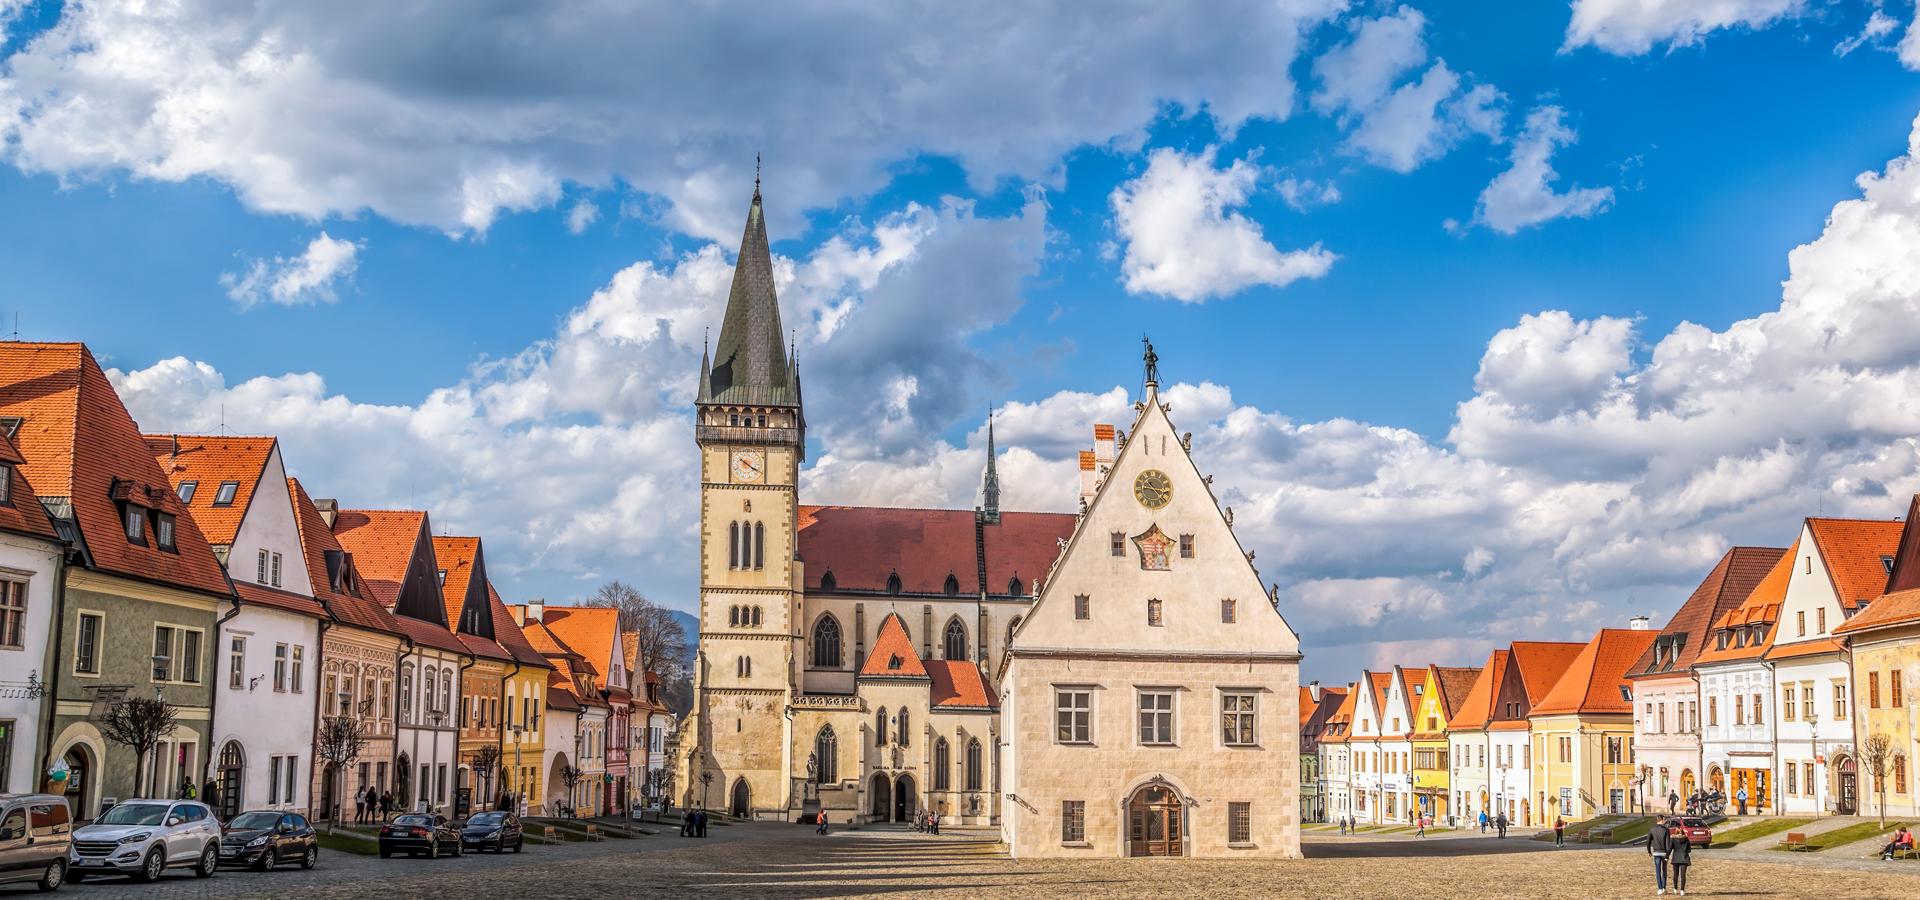 Peer-to-peer advisory in Bardejov, Presov, Slovak Republic